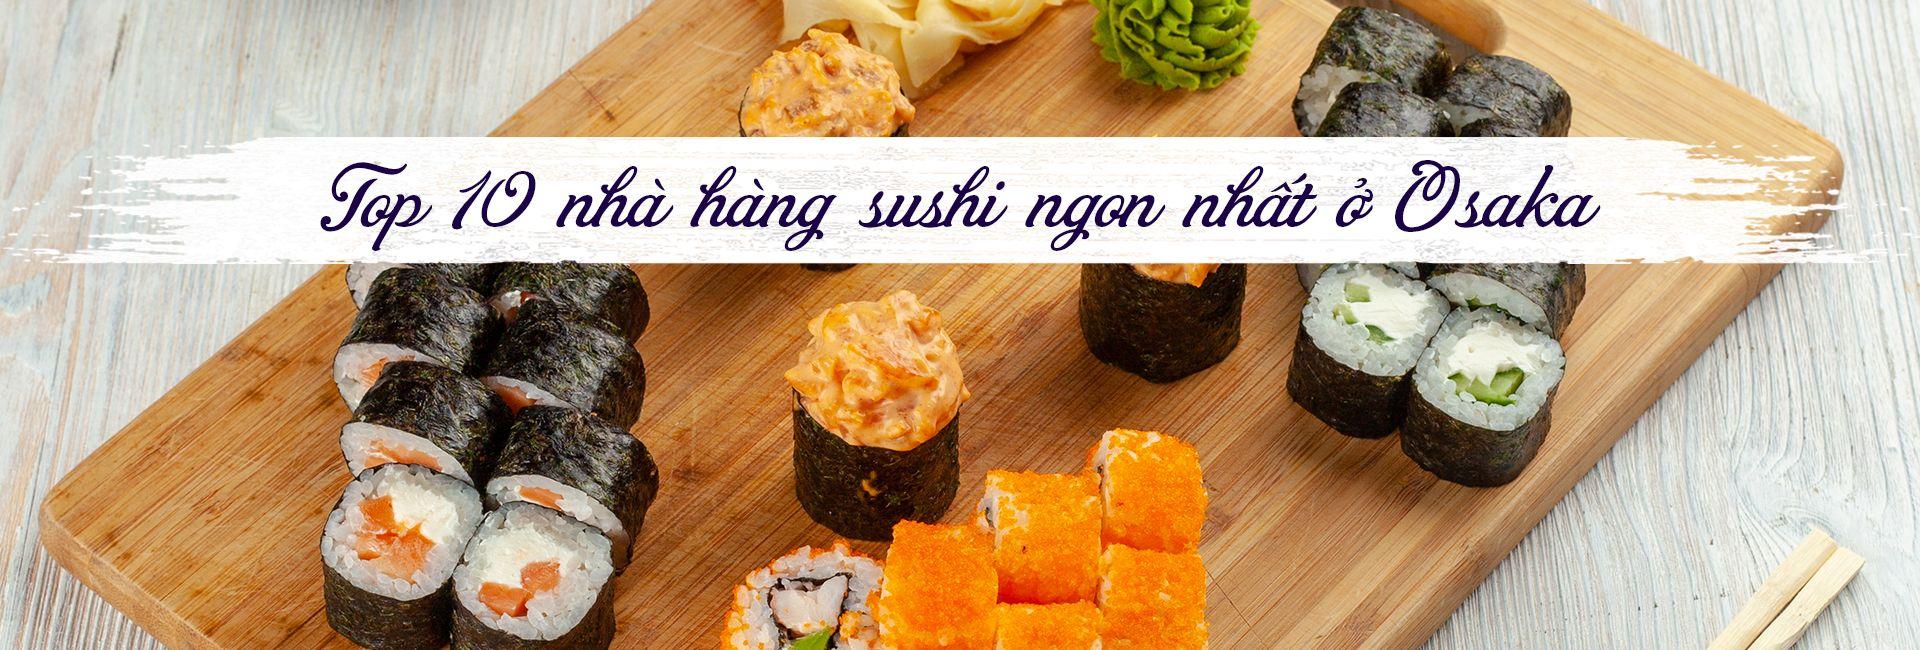 Top 10 nhà hàng sushi ngon nhất Osaka, Nhật Bản